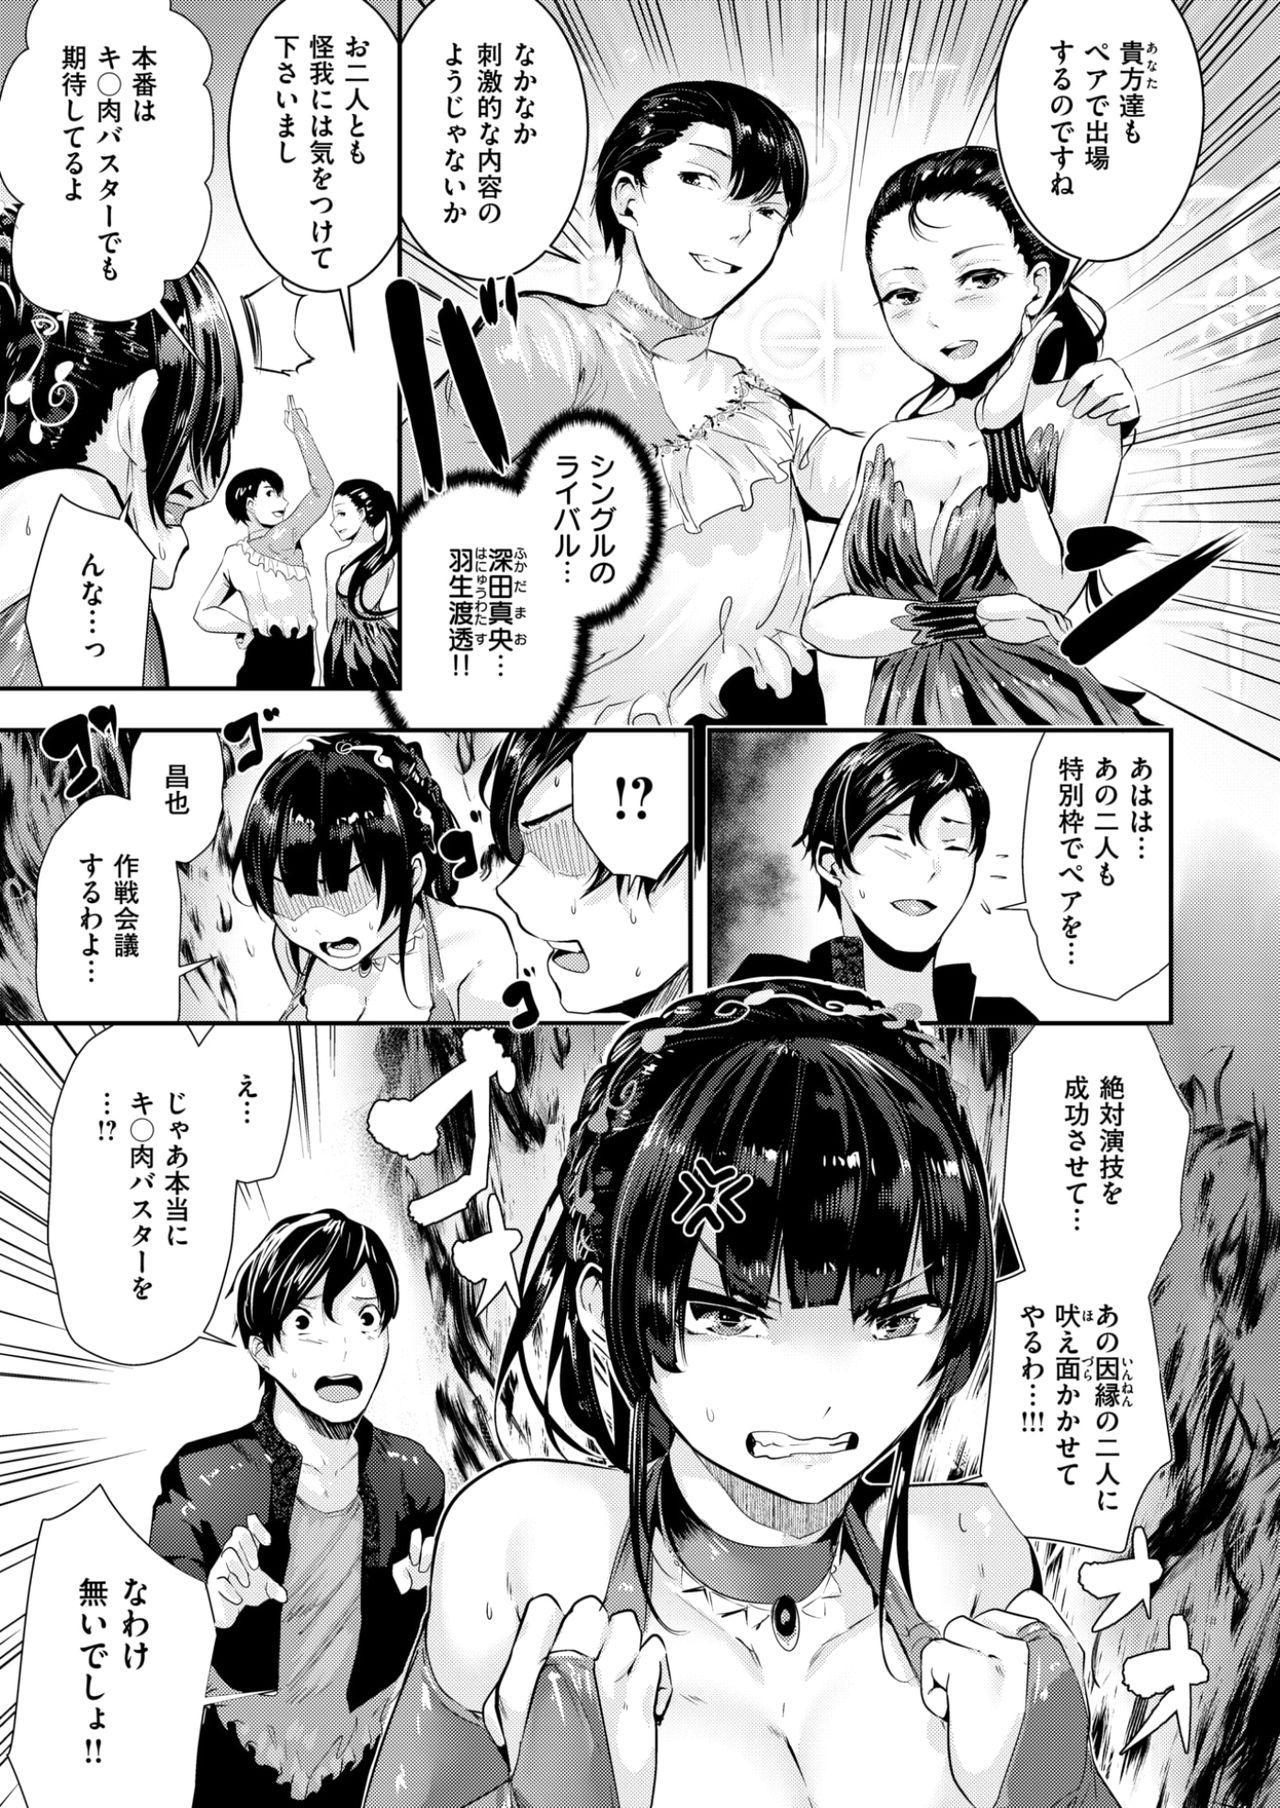 COMIC Kairakuten BEAST 2017-10 9